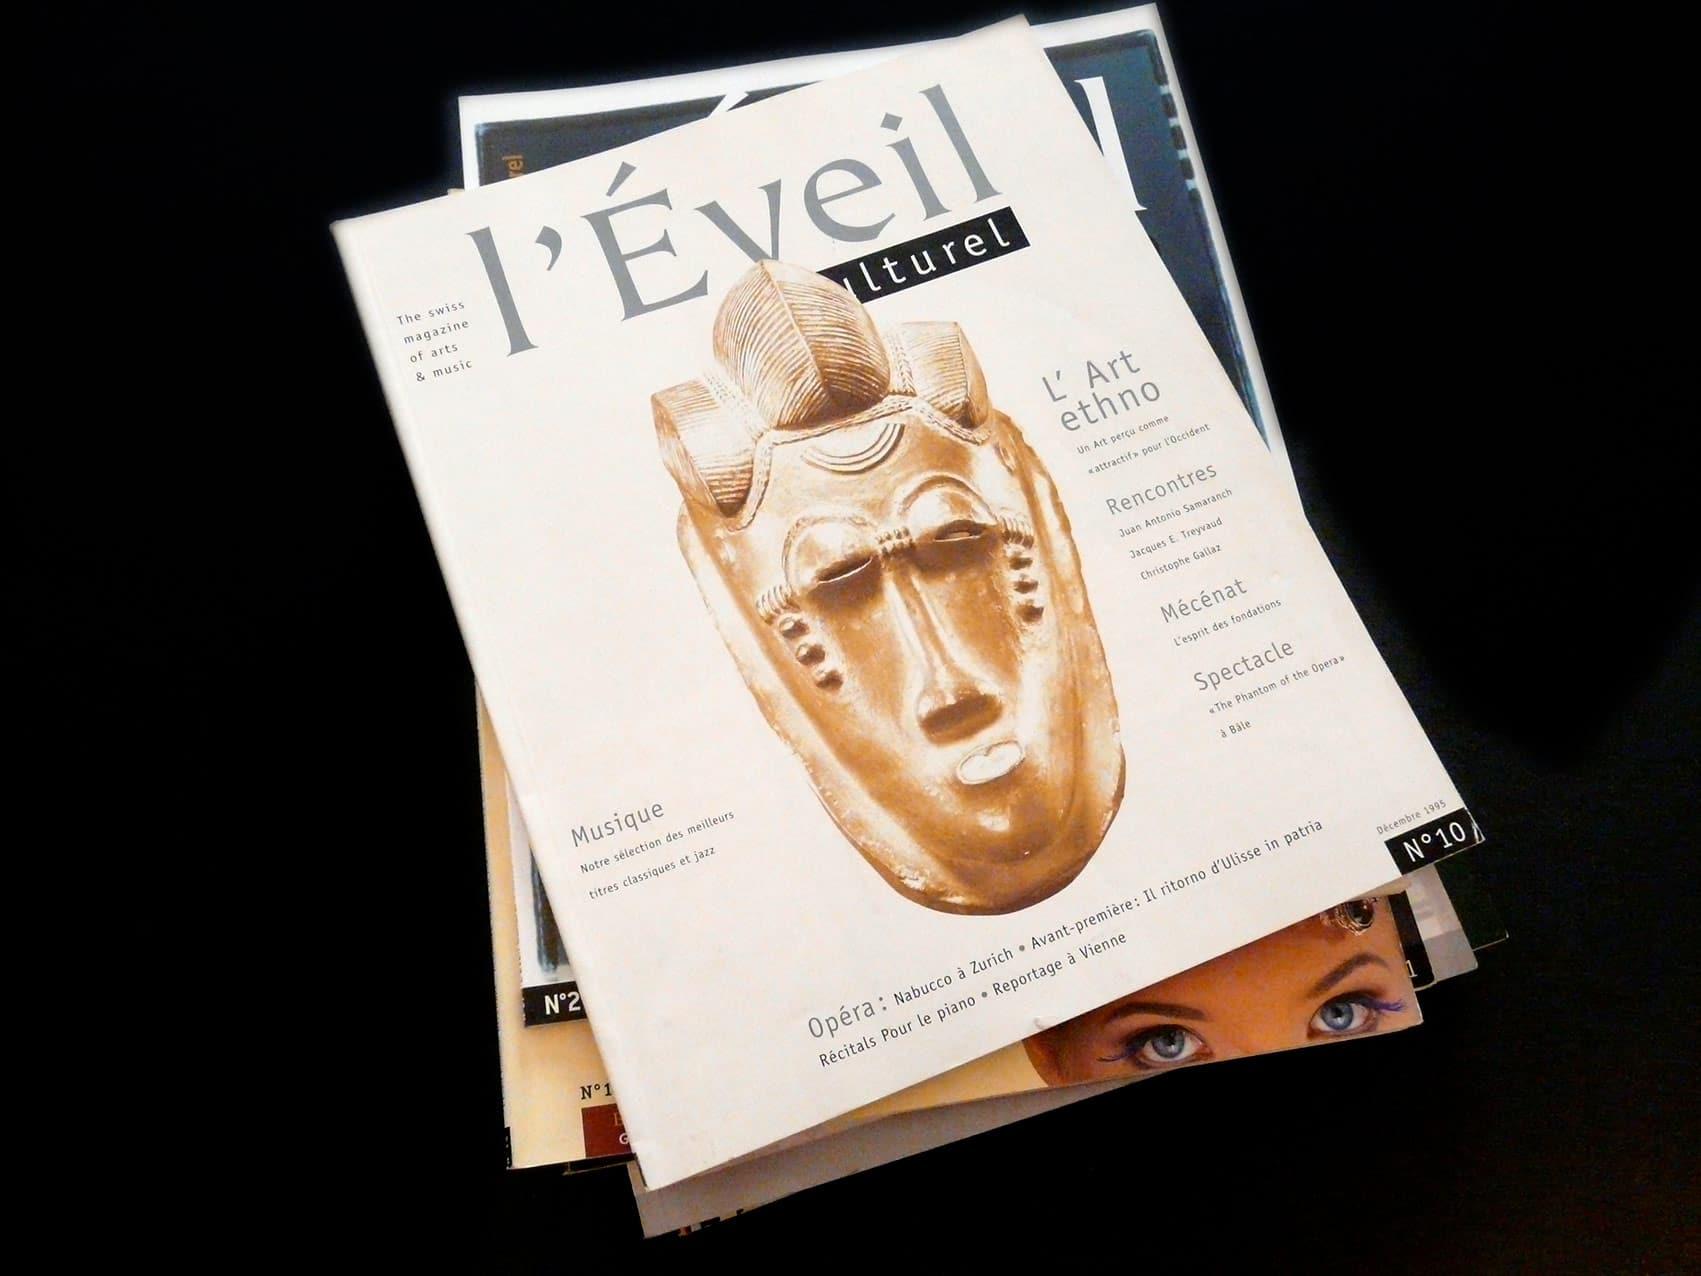 Magazine L'Éveil Culturel - Direction artistique et mise en page vue 2